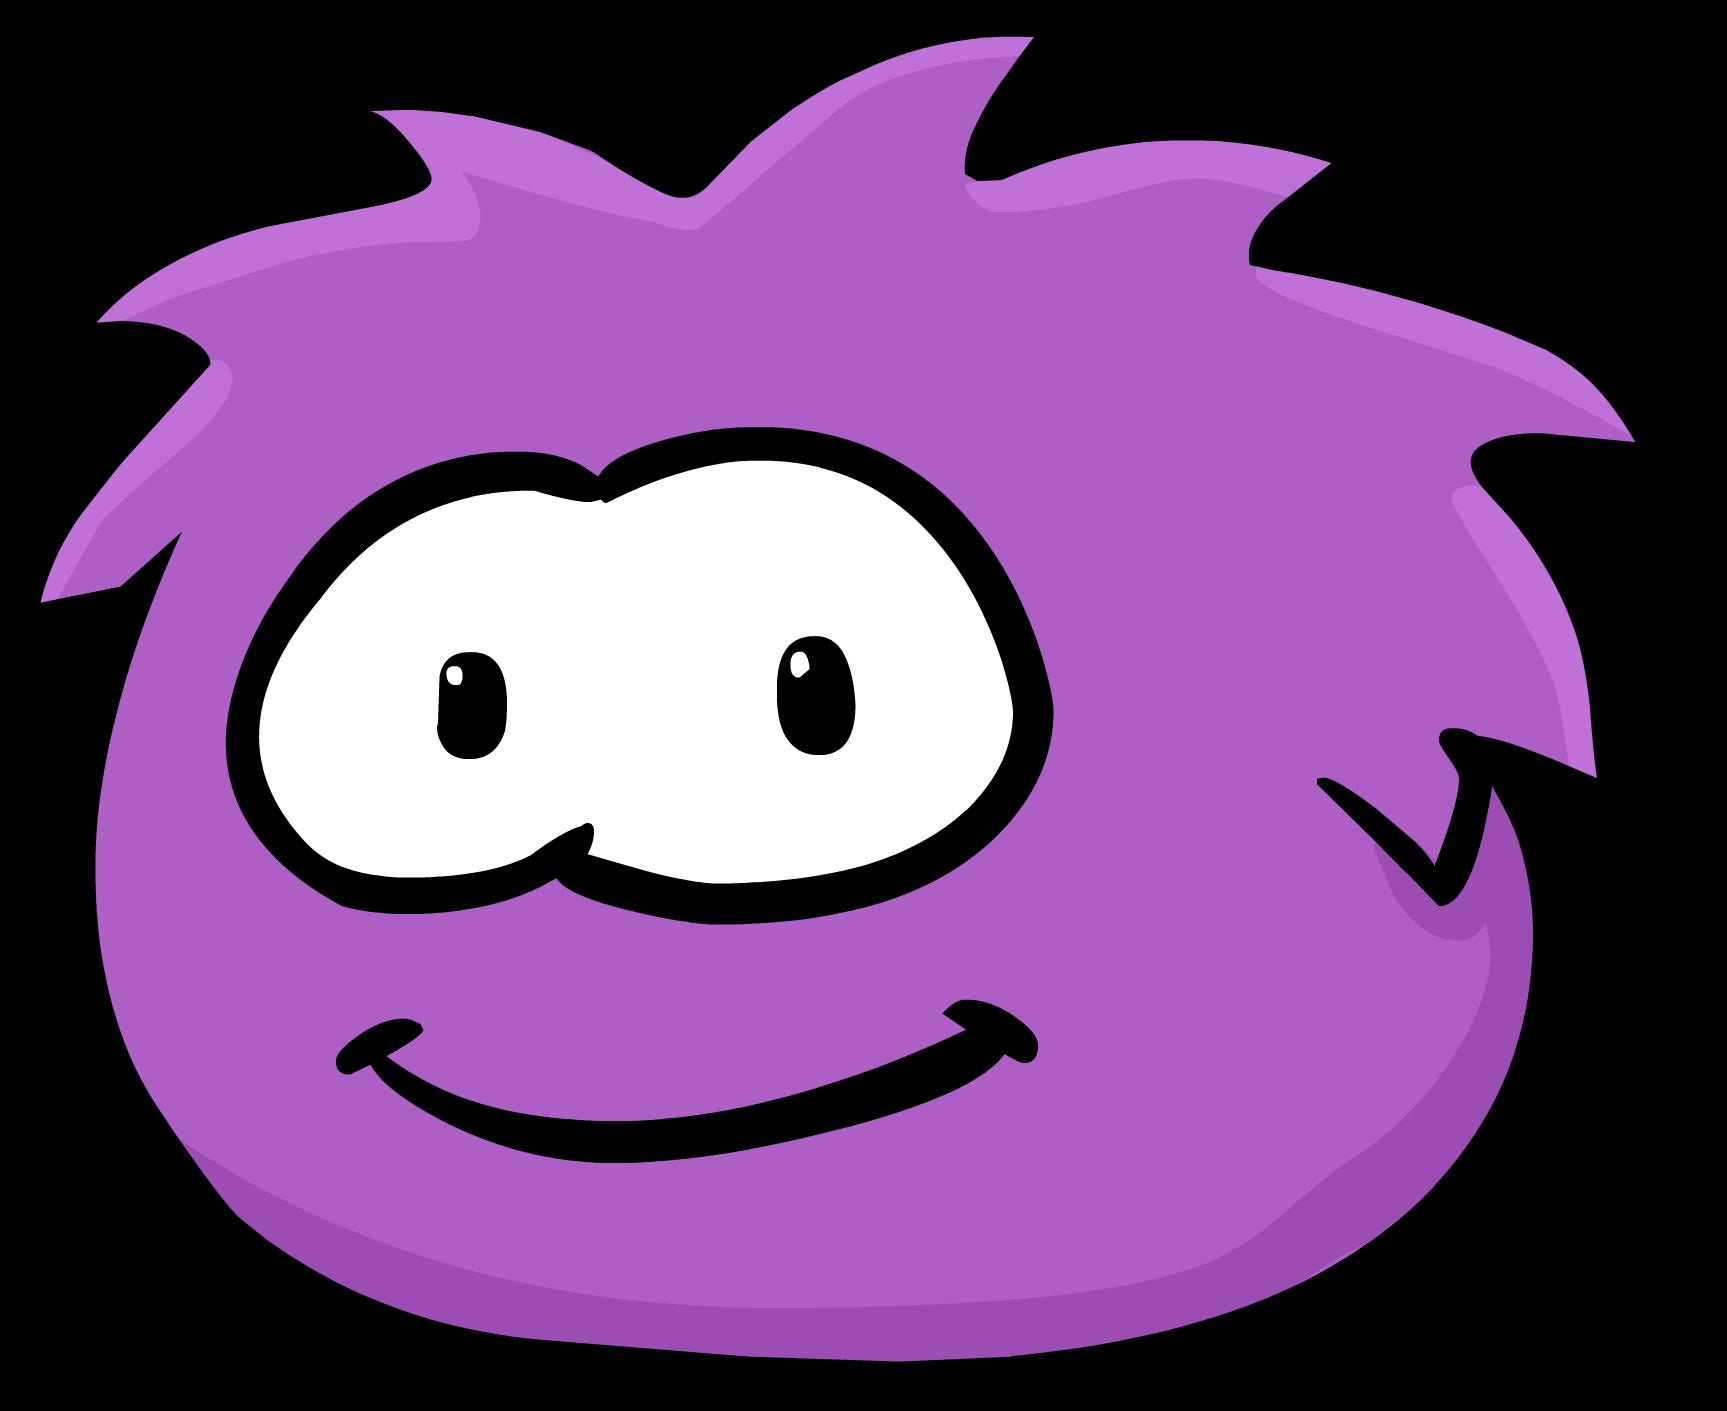 File:Purplepuffle.png